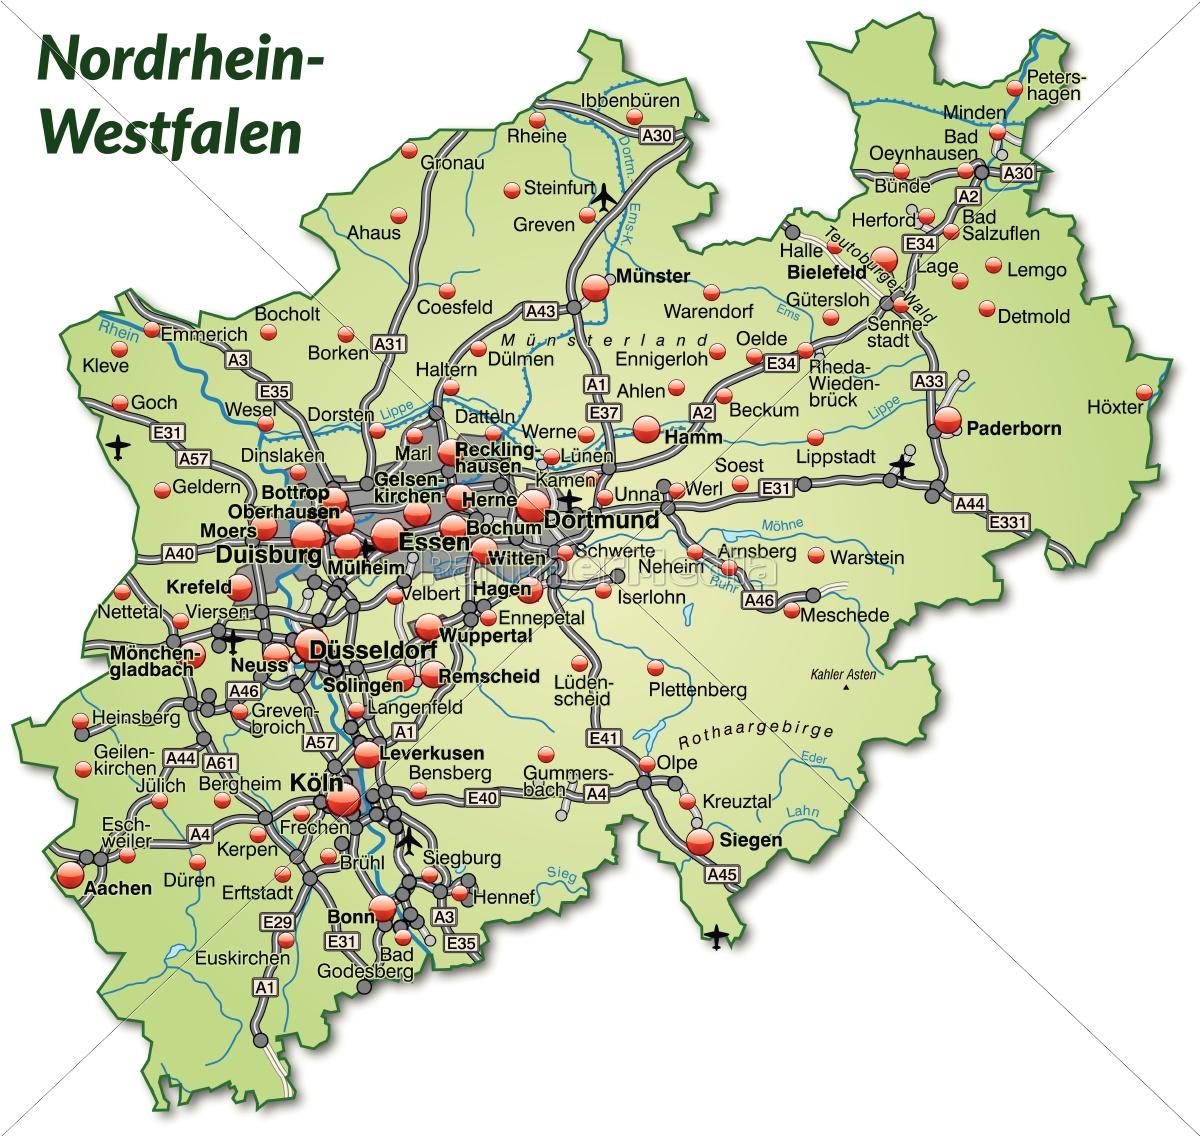 Karte Von Nrw.Lizenzfreie Vektorgrafik 10640321 Karte Von Nordrhein Westfalen Mit Verkehrsnetz In Pastellgrün